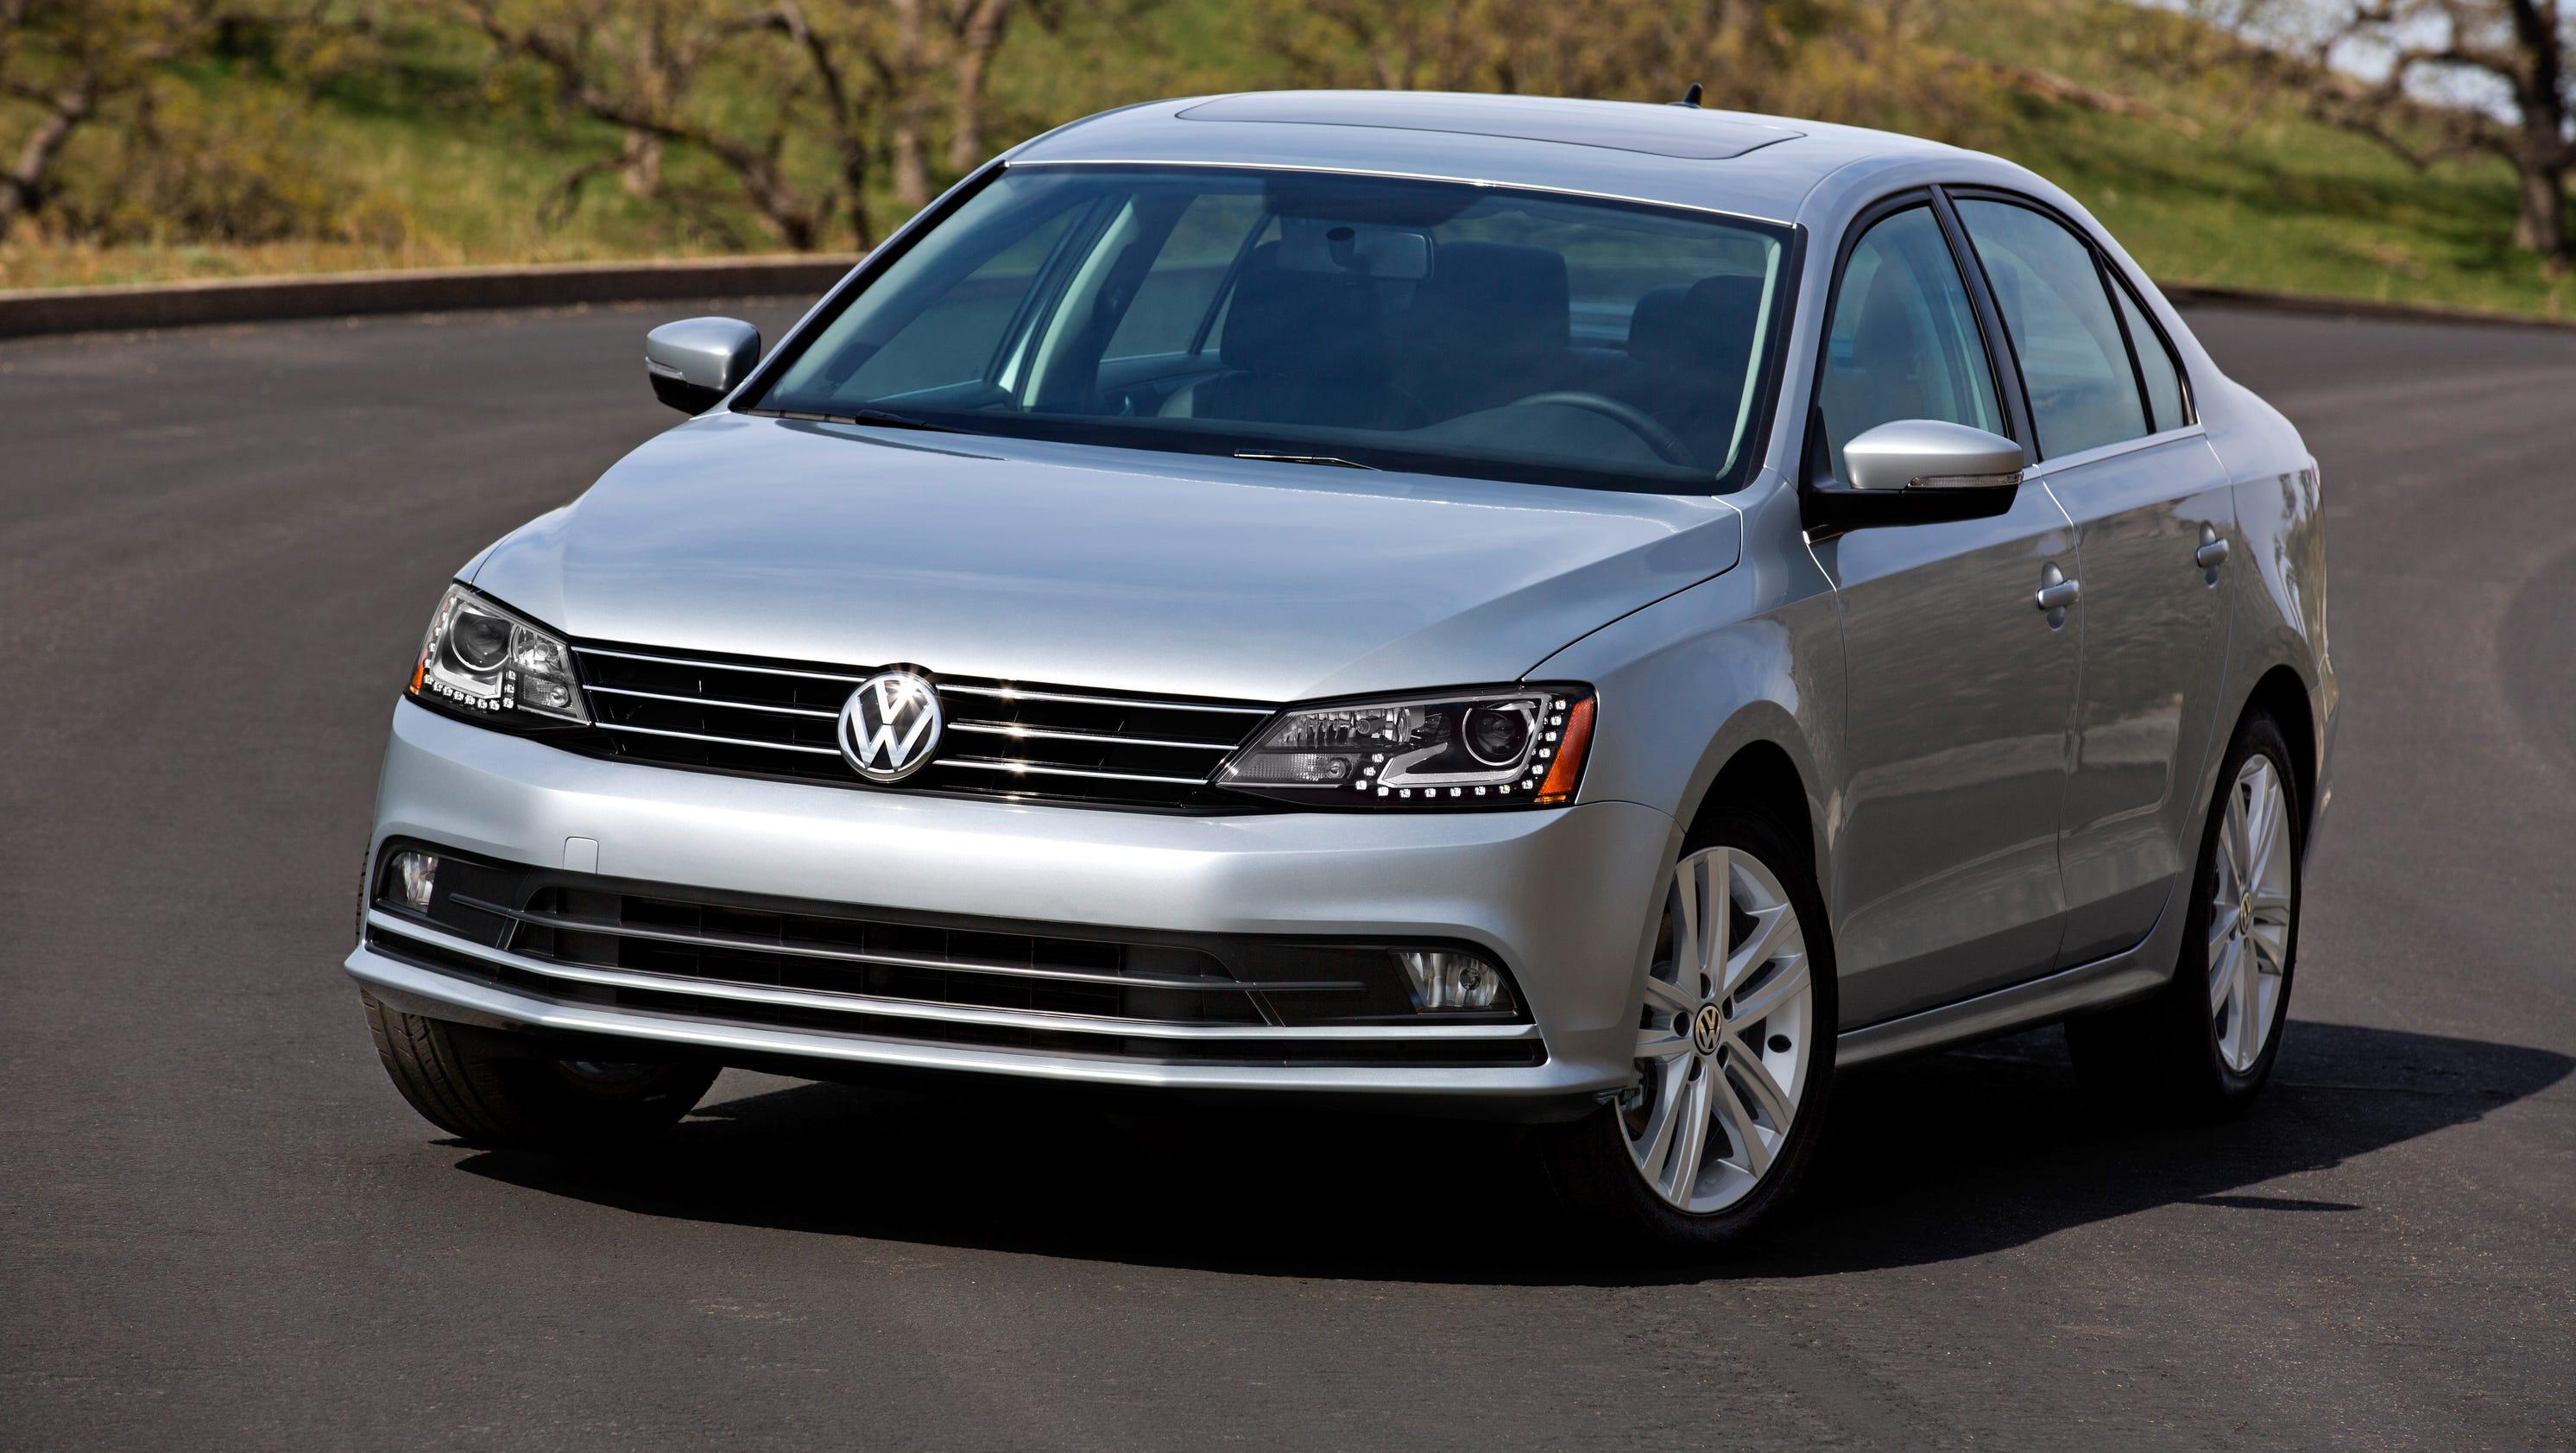 Refreshed 2015 Volkswagen Jetta